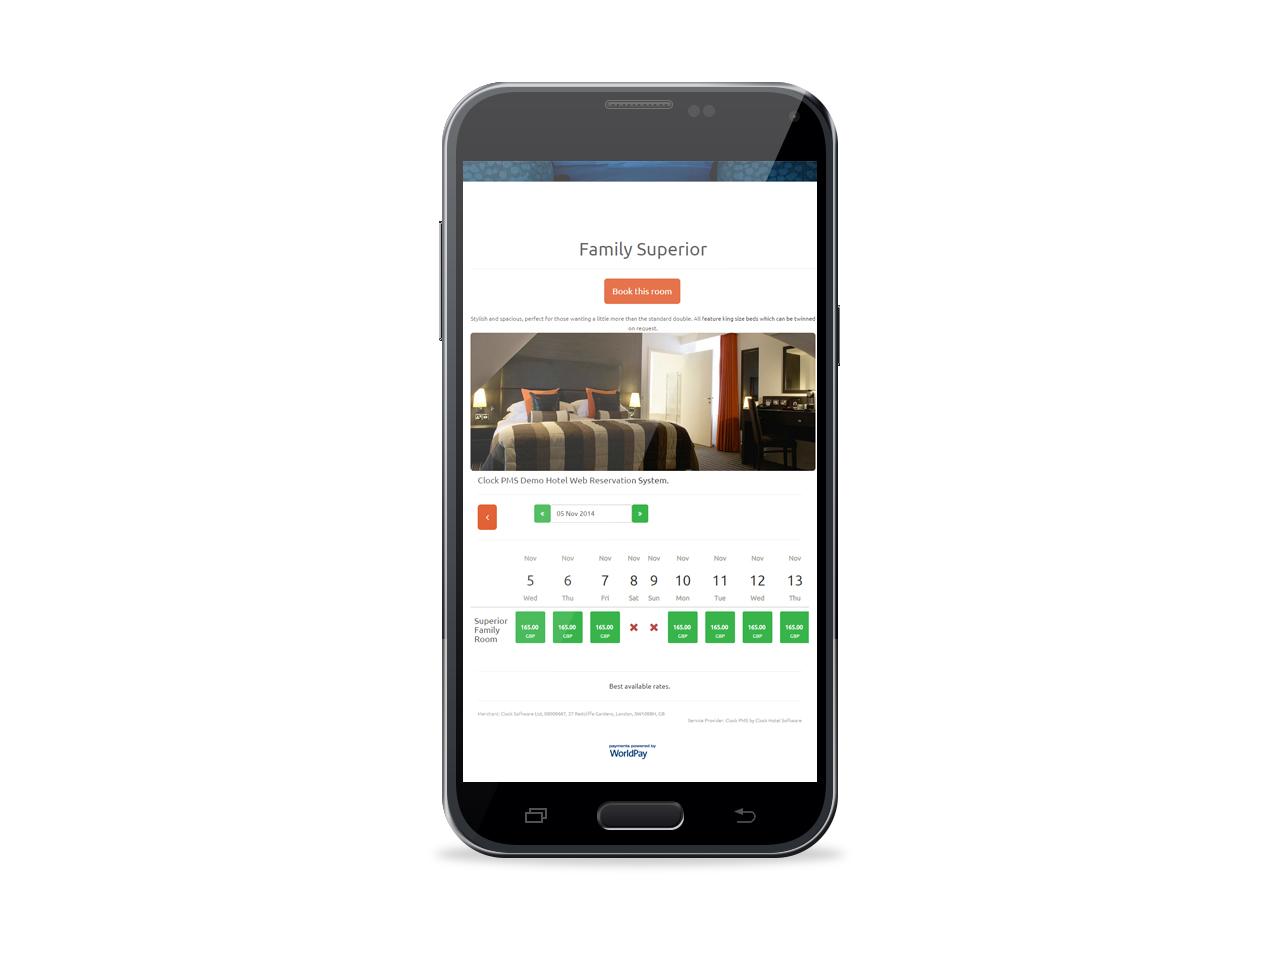 Mobile web reservation system